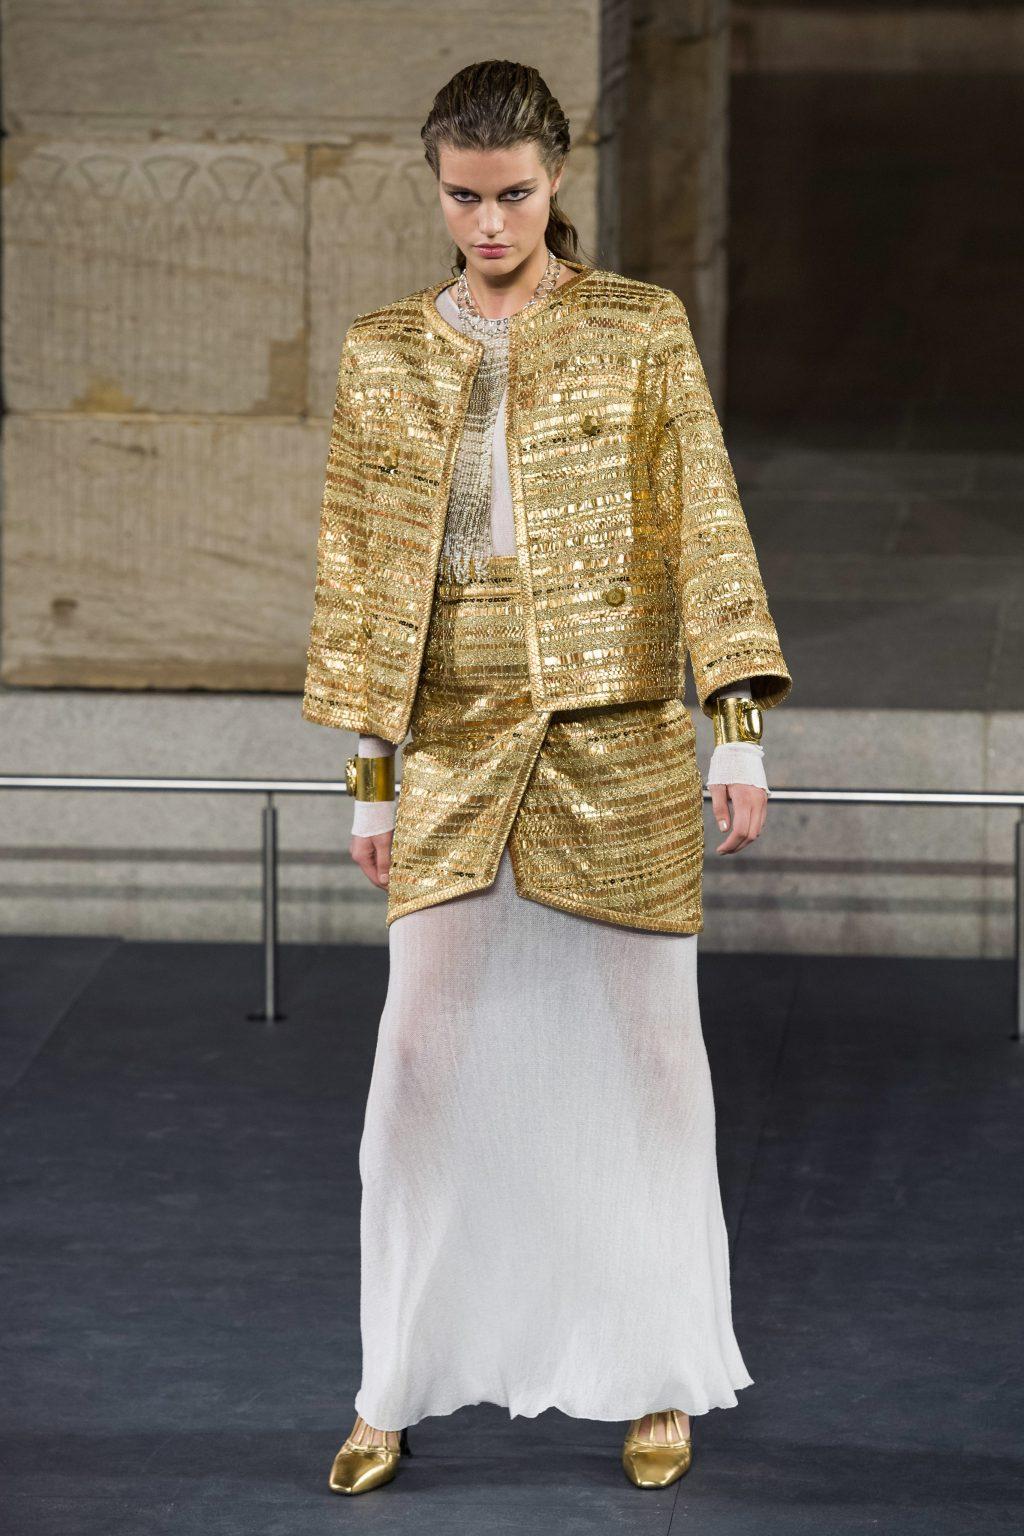 bộ sưu tập Chanel Métiers d'Art 2019 3